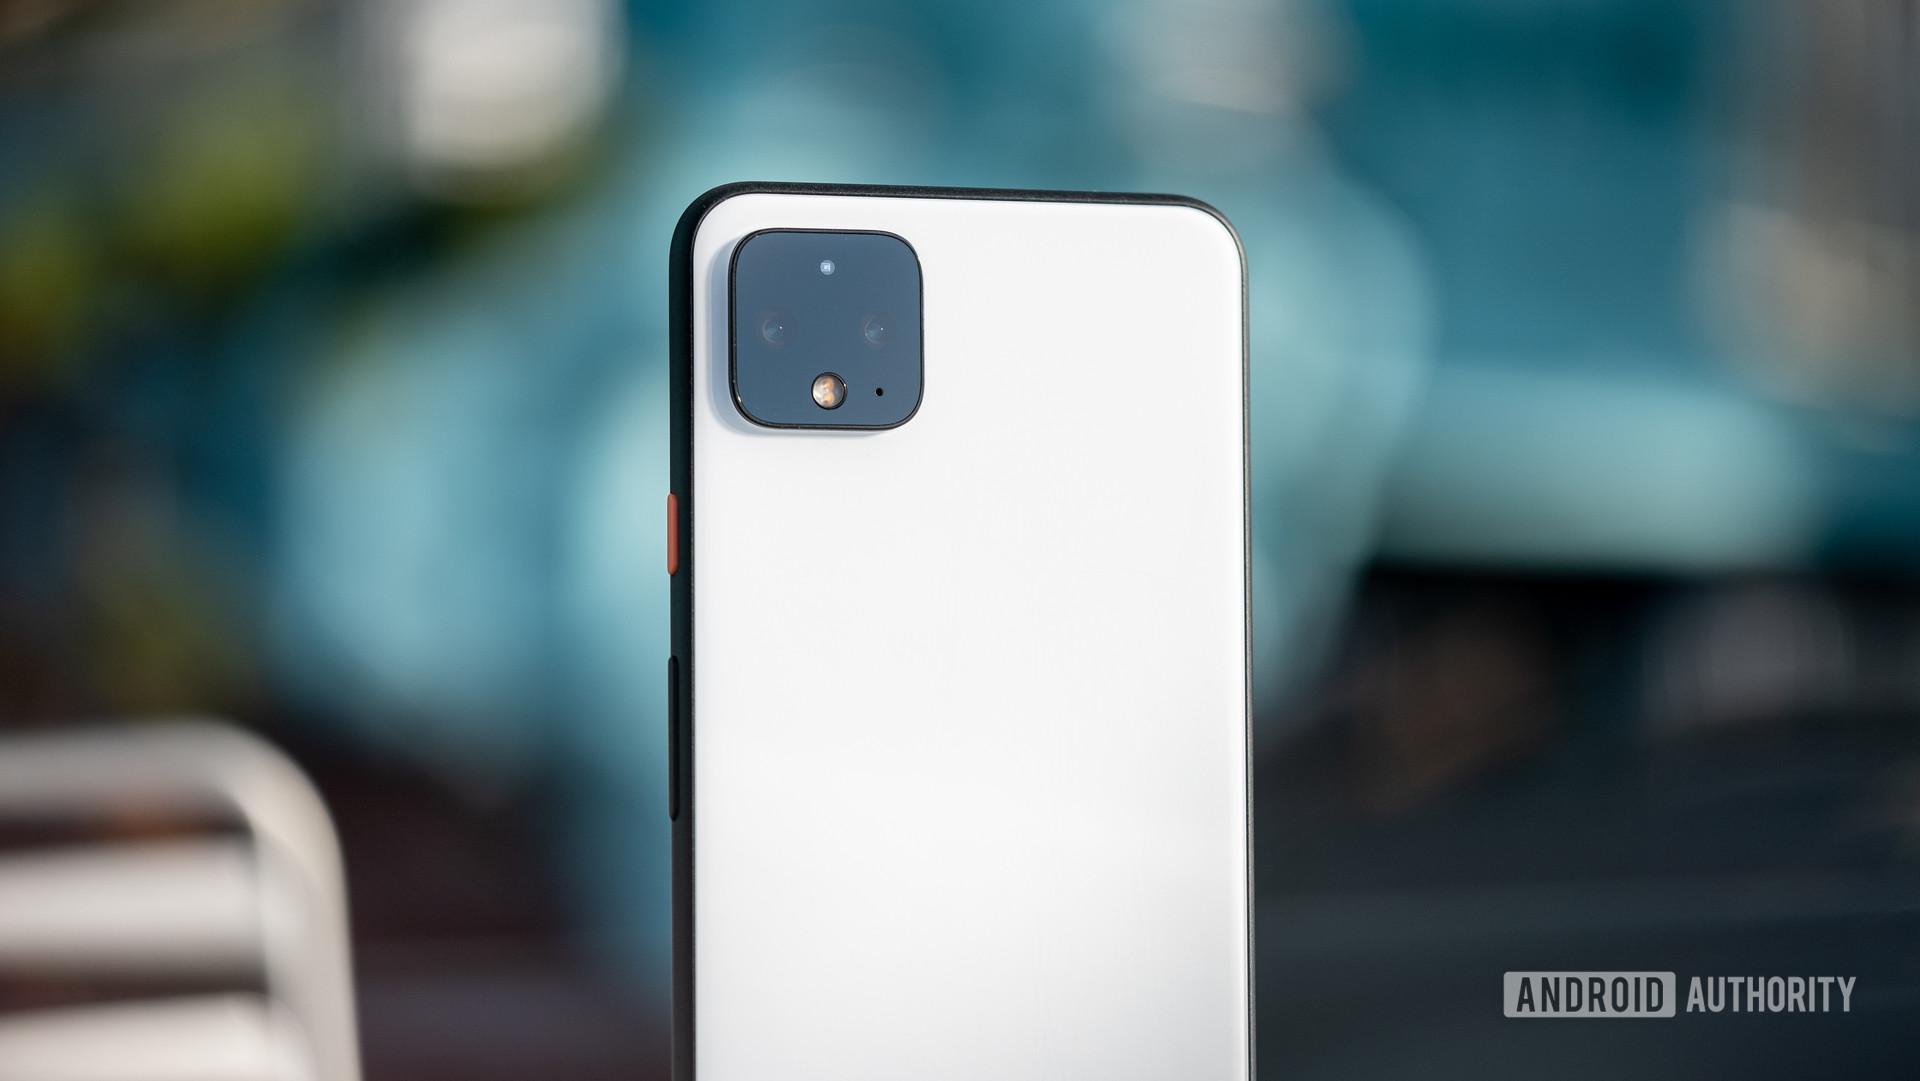 Google Pixel 4 XL camera design 7